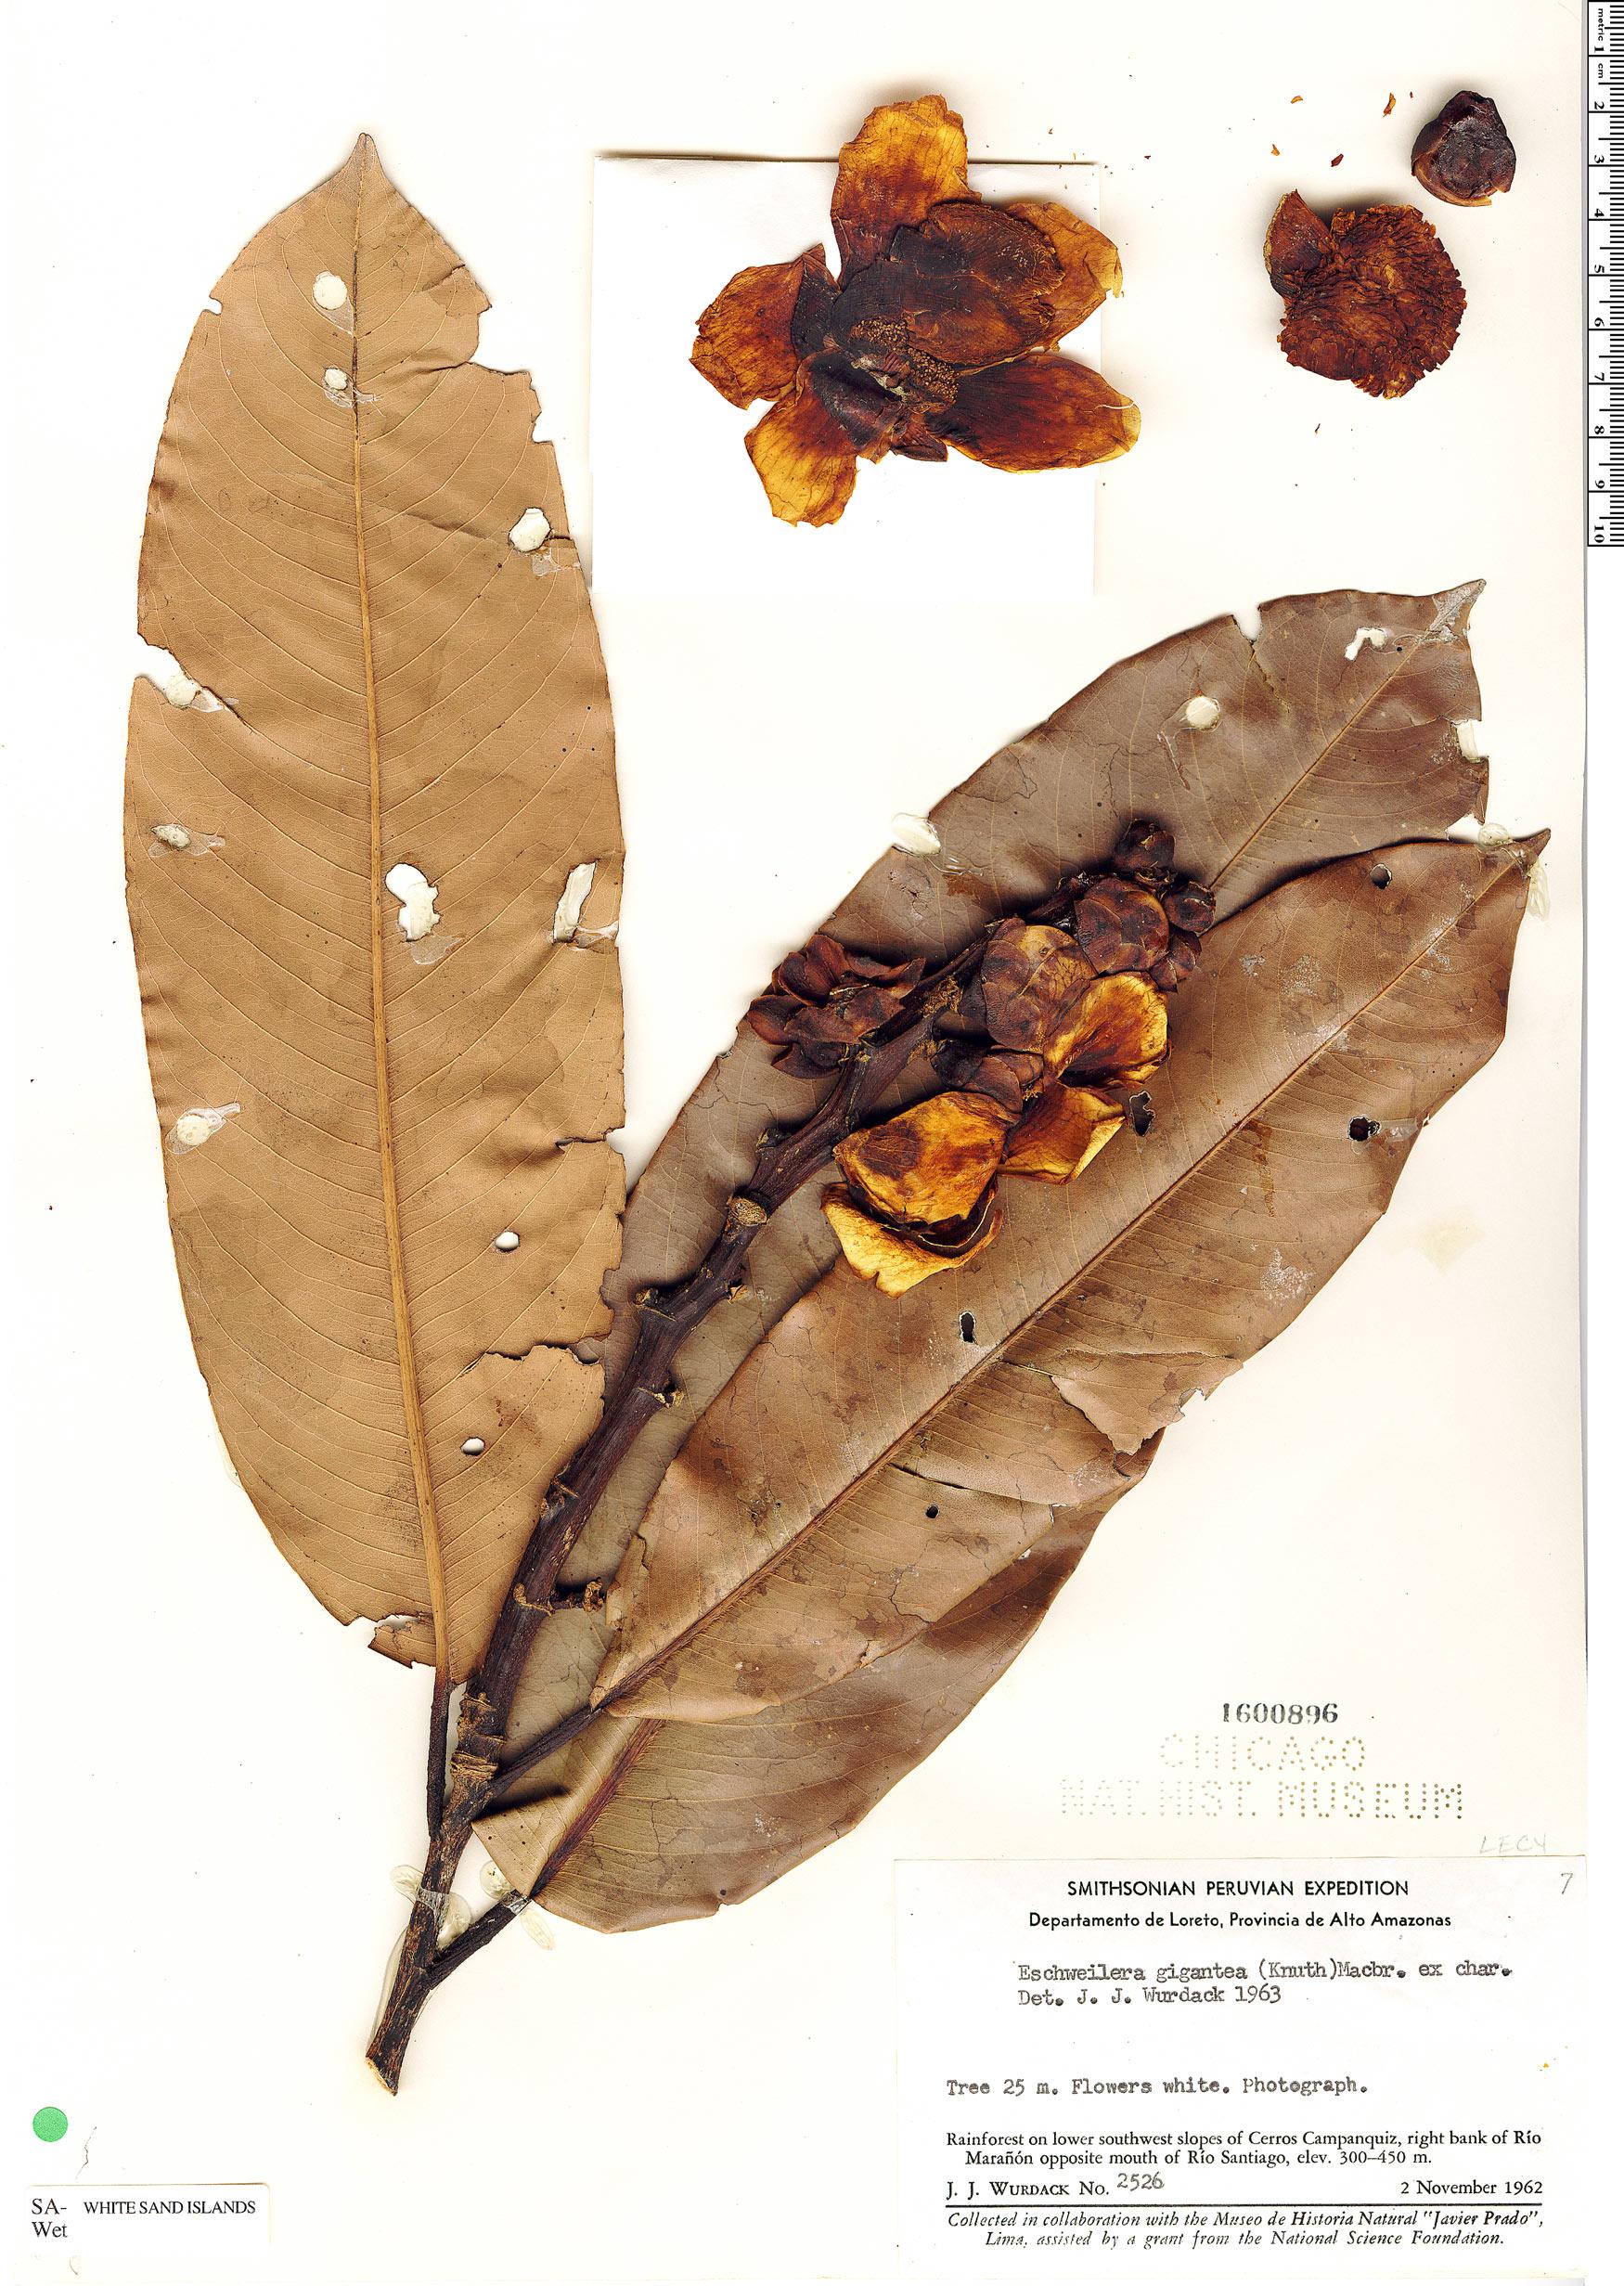 Specimen: Eschweilera gigantea